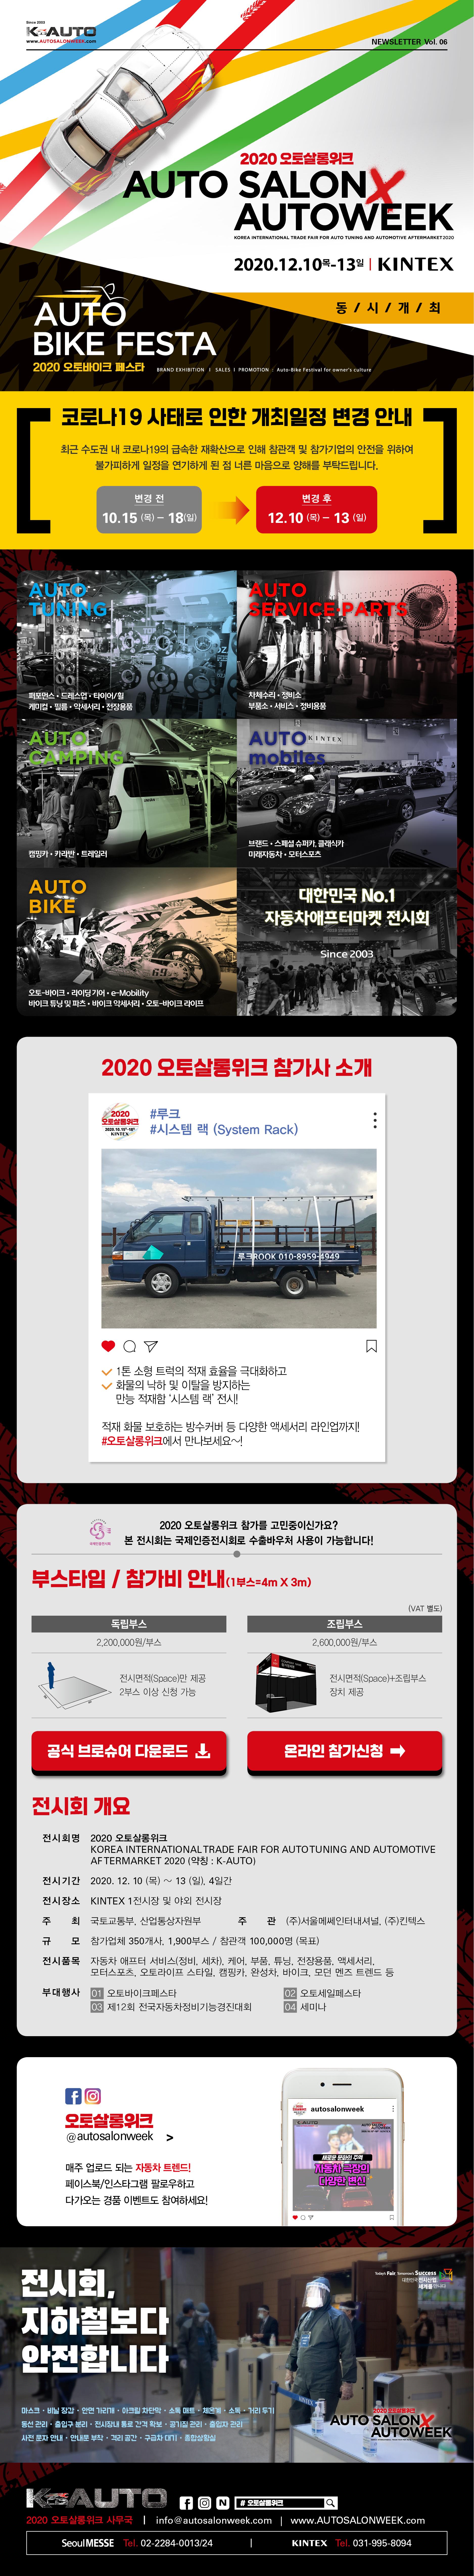 2020 오토살롱 뉴스레터_06-5(0911).jpg